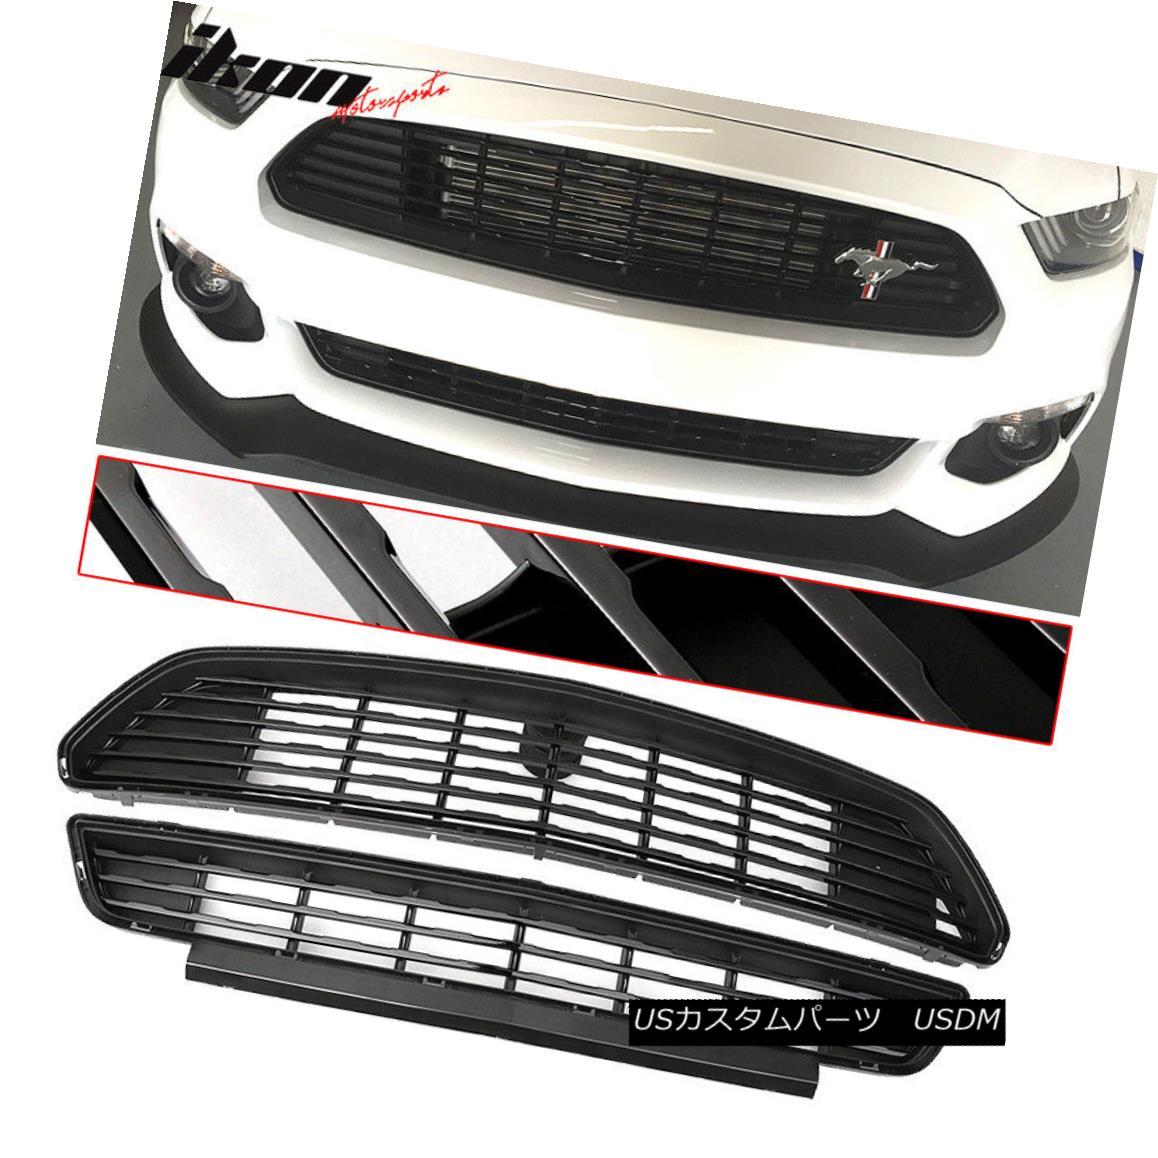 グリル Fits 15-17 Mustang GT/CS CA Special Front Upper And Lower Grille Grill Set Black 15-17 Mustang GT / CS CAスペシャルフロントアッパー&ロワーグリルグリルセット